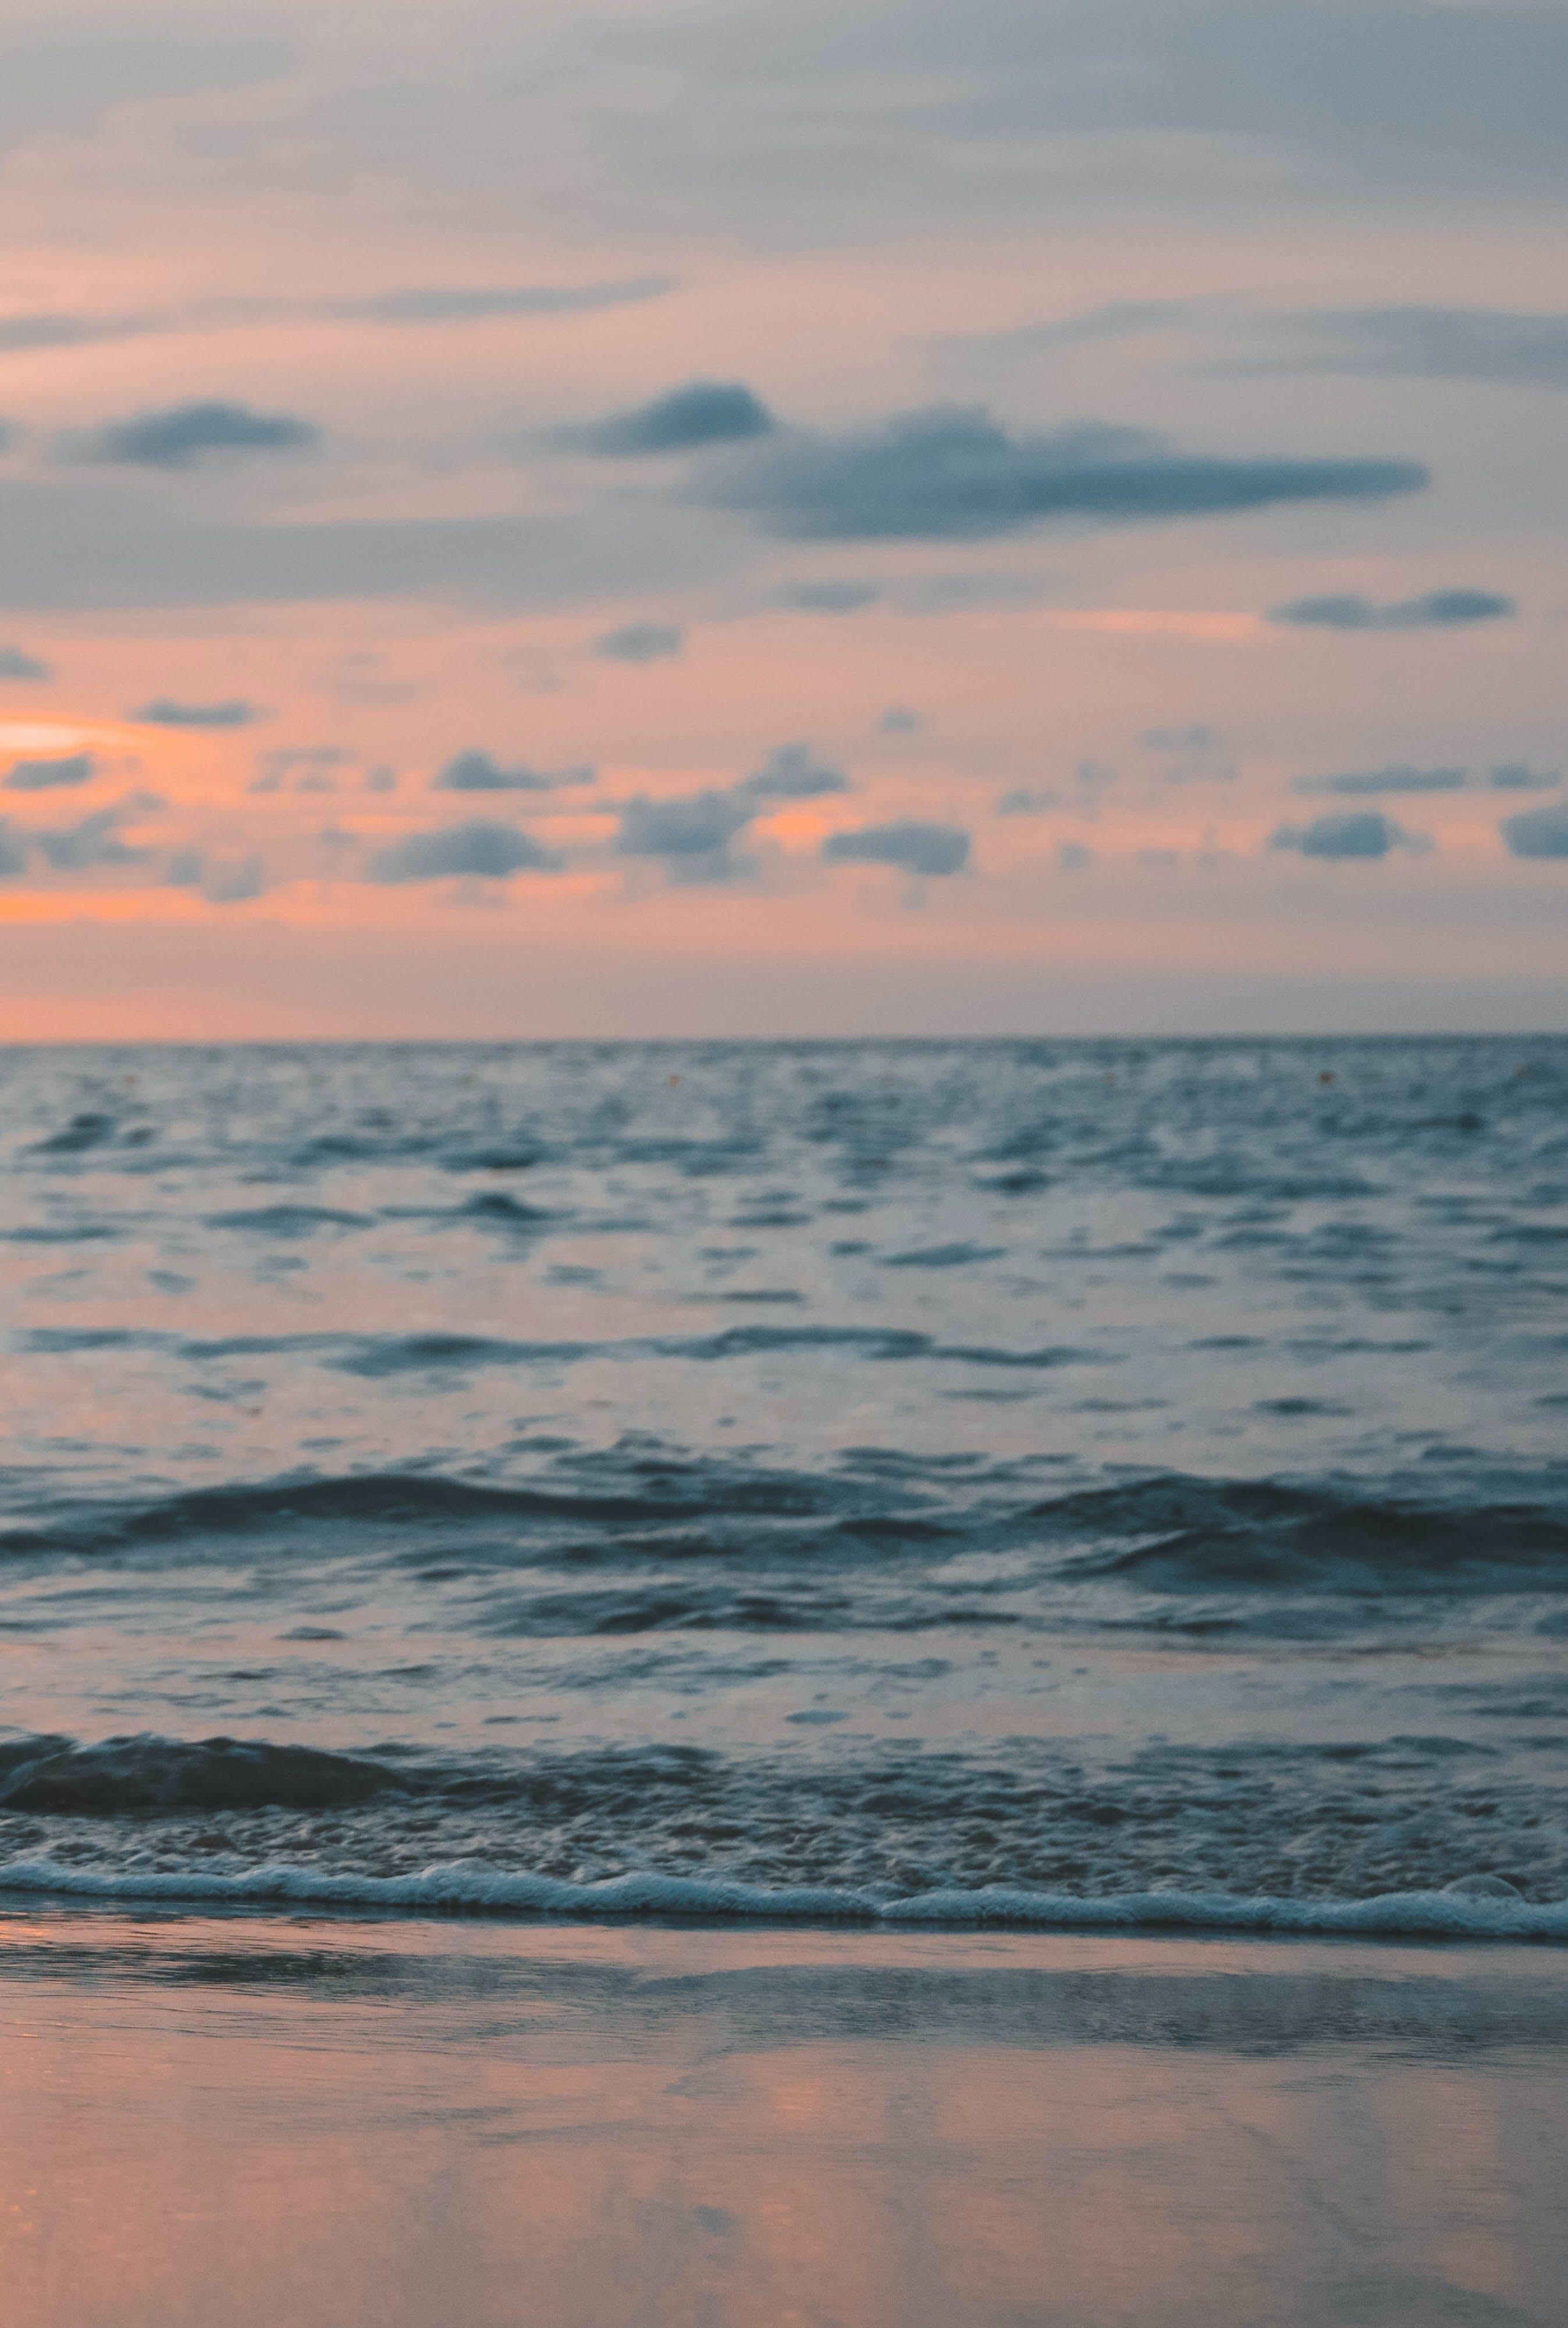 Δωρεάν στοκ φωτογραφιών με ακτή, γνέφω, γραφικός, θαλασσογραφία